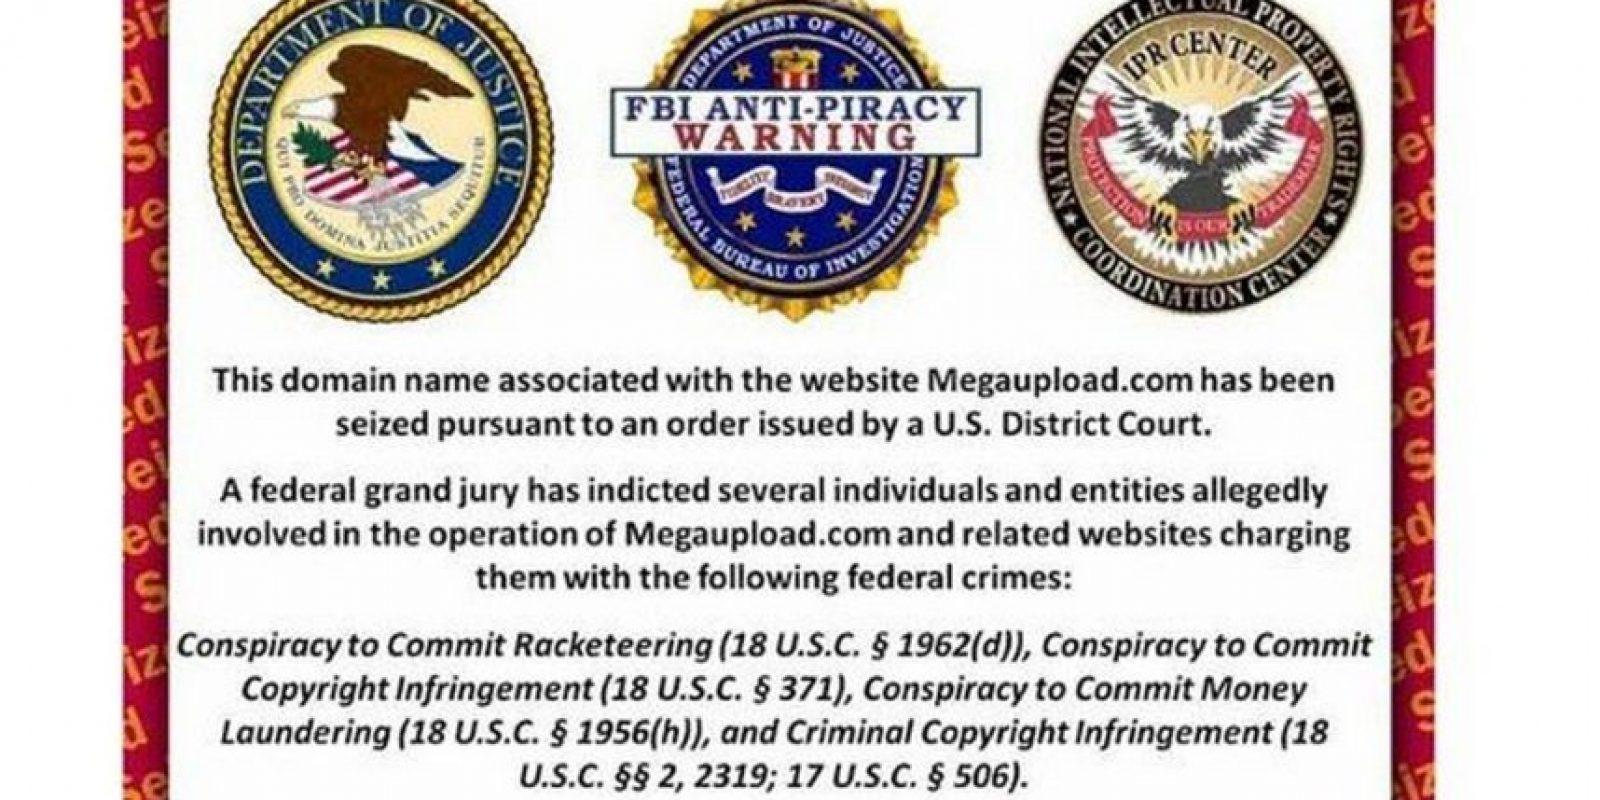 El sitio web de Kim Dotcom para intercambiar archivos fue cerrado en 2012 por el FBI. ¿La razón? Haber generado pérdidas de 500 millones de dólares en derechos de autor. Foto:Tumblr